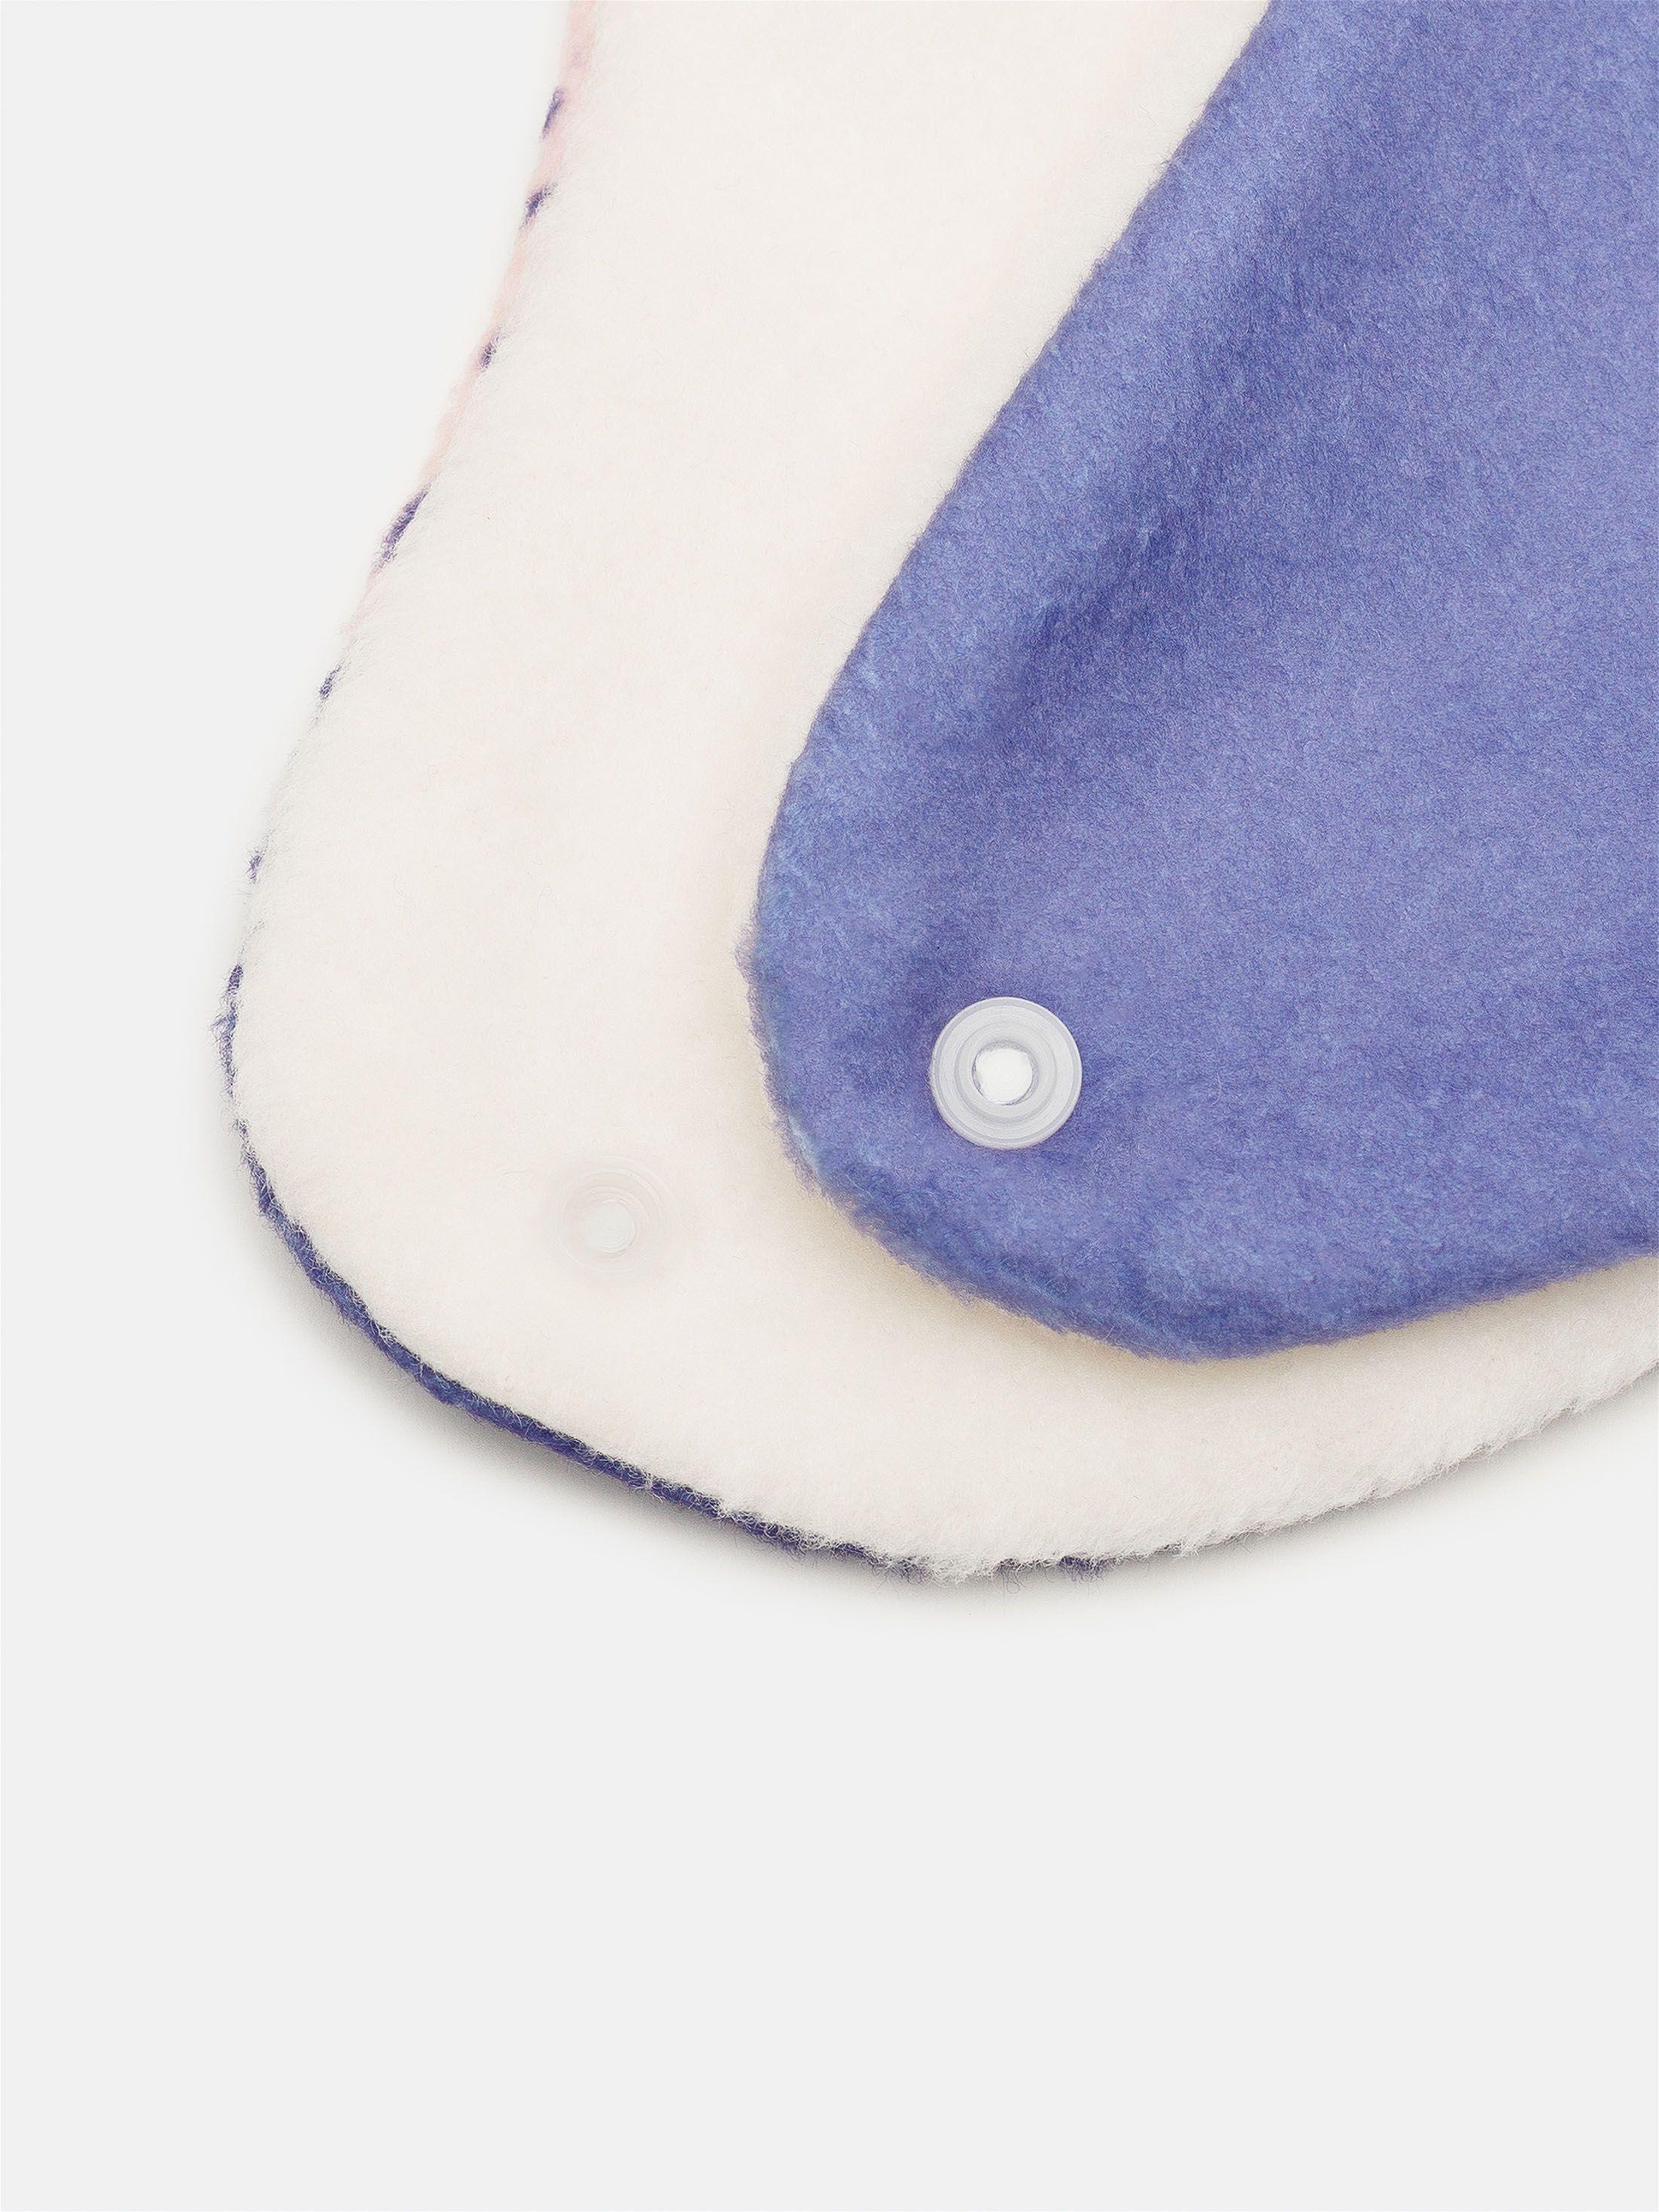 赤ちゃん用寝袋 オリジナルデザイン 印刷